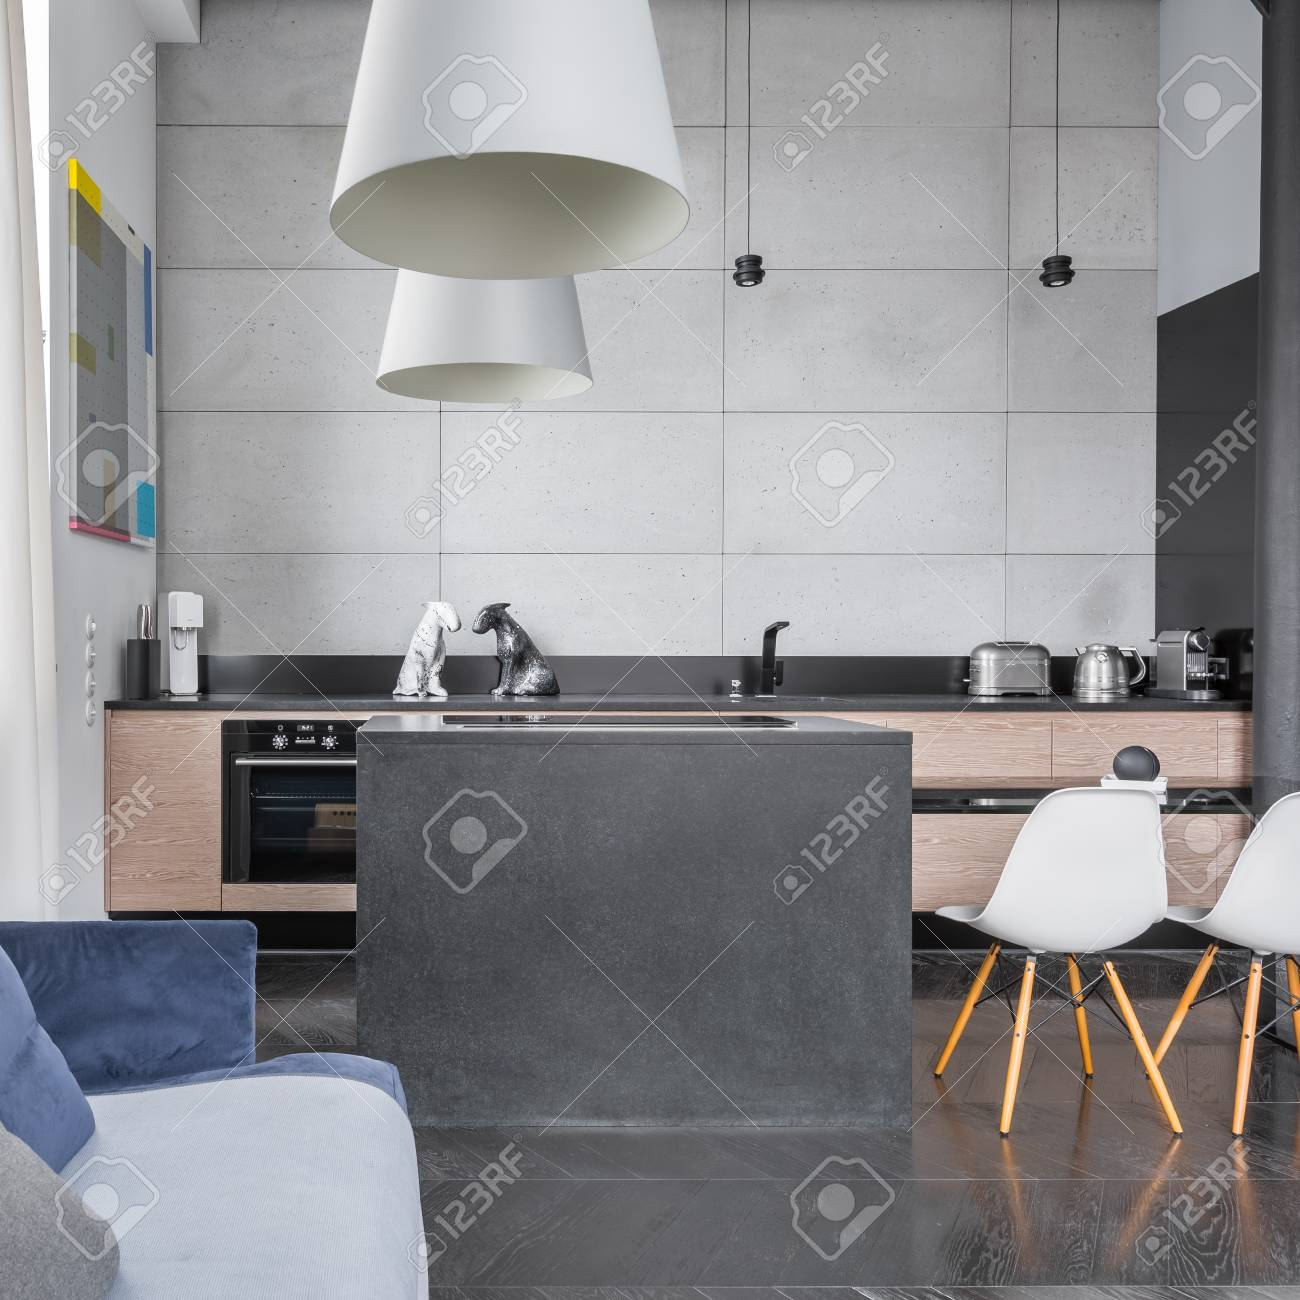 Erfreut Kücheninsel Tabellen Mit Speicher Galerie - Ideen Für Die ...